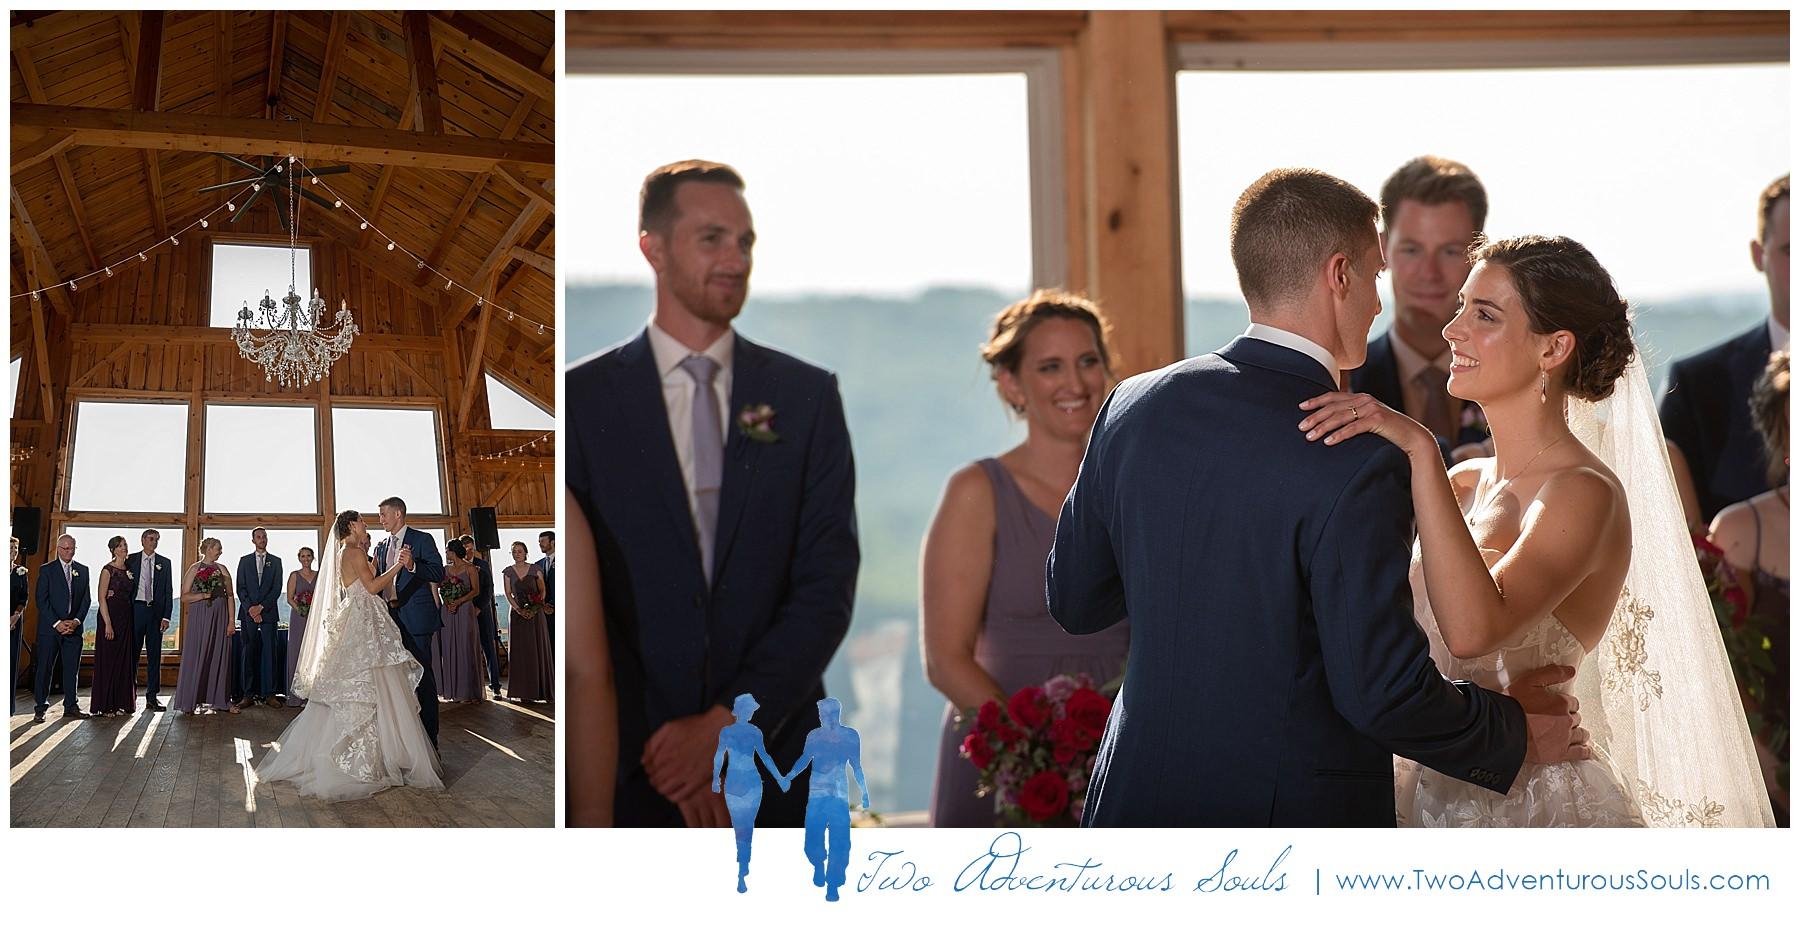 Maine Wedding Photographers, Granite Ridge Estate Wedding Photographers, Two Adventurous Souls - 080319_0059.jpg